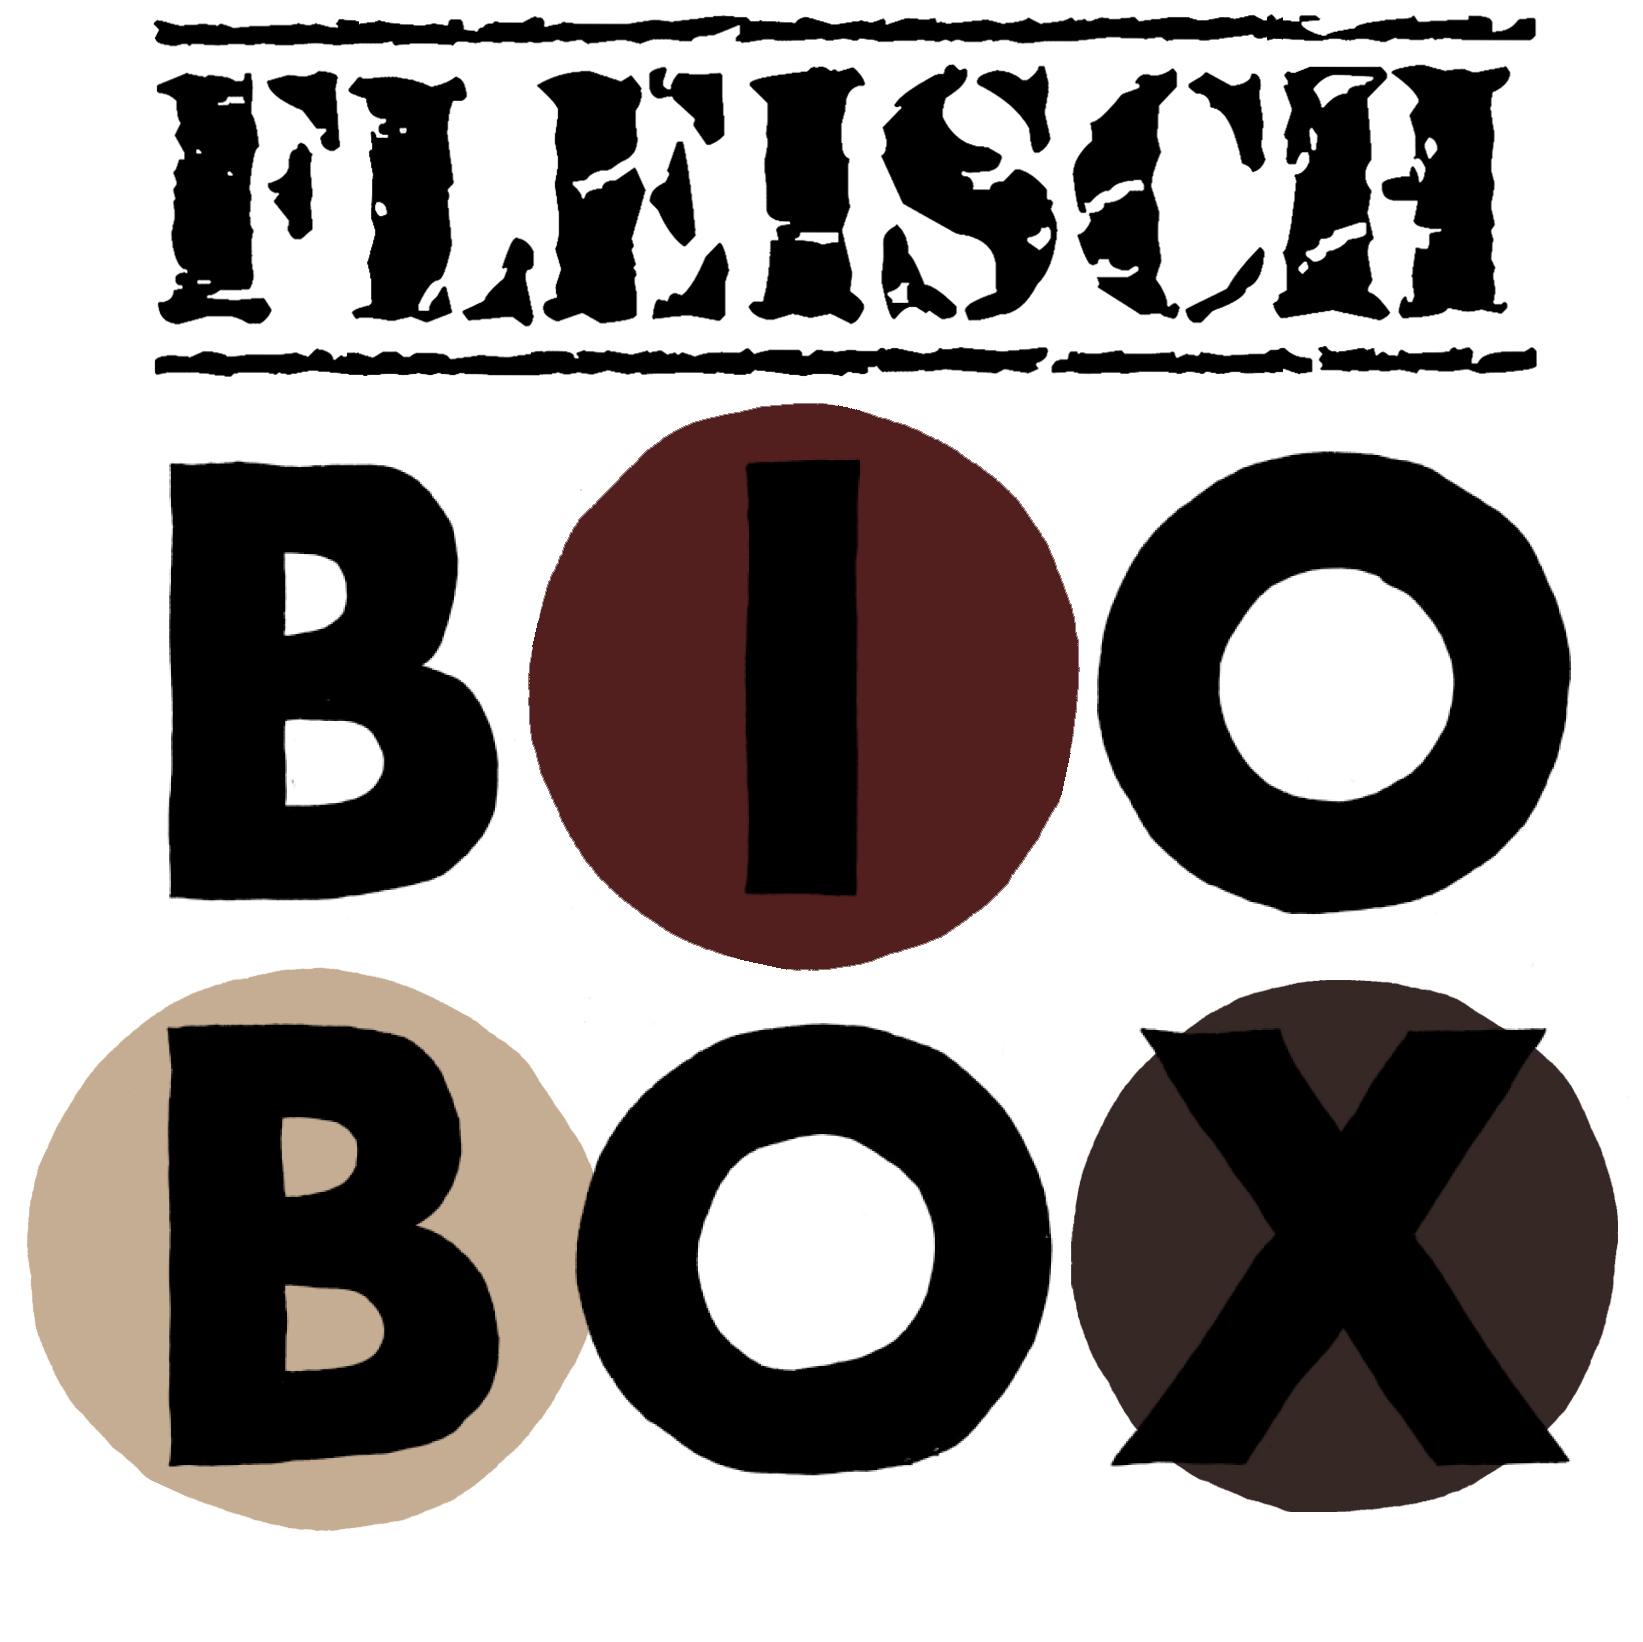 BIOBOX-LOGO_FLEISCH_2%20Kopie.jpg